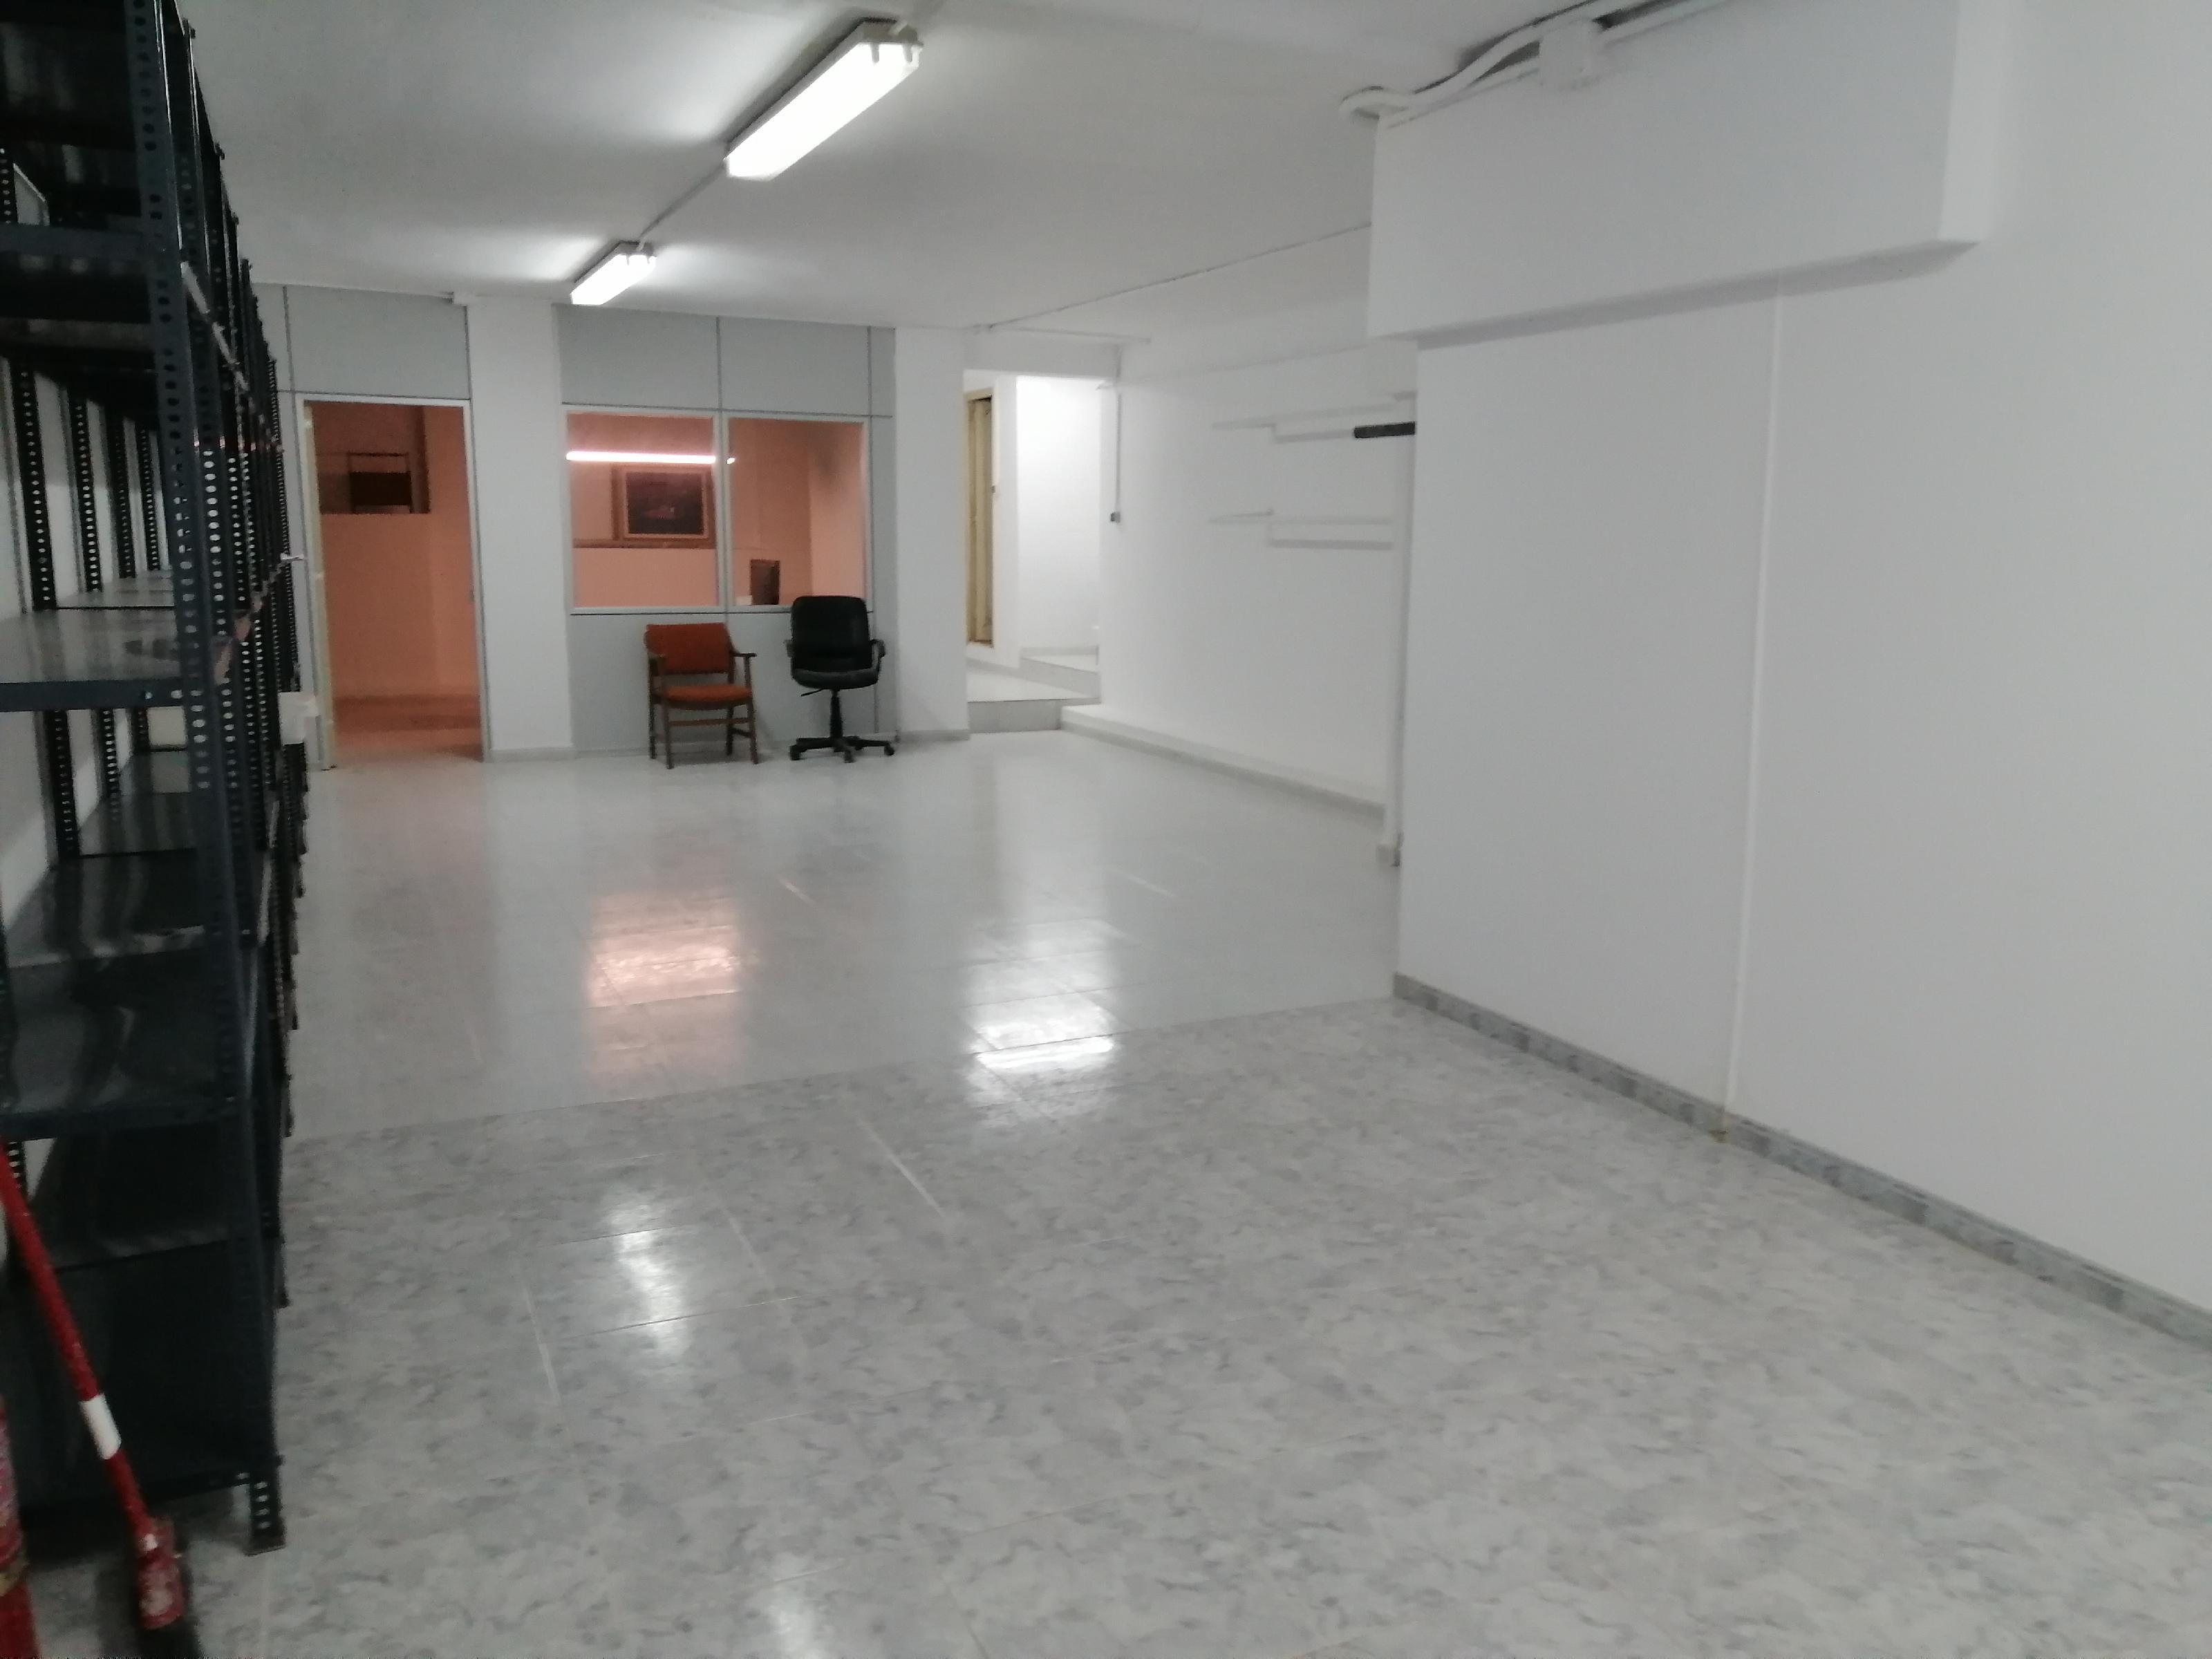 Imagen 3 Local Comercial en alquiler en Esplugues De Llobregat / Can Clota , junto Anselm Clave